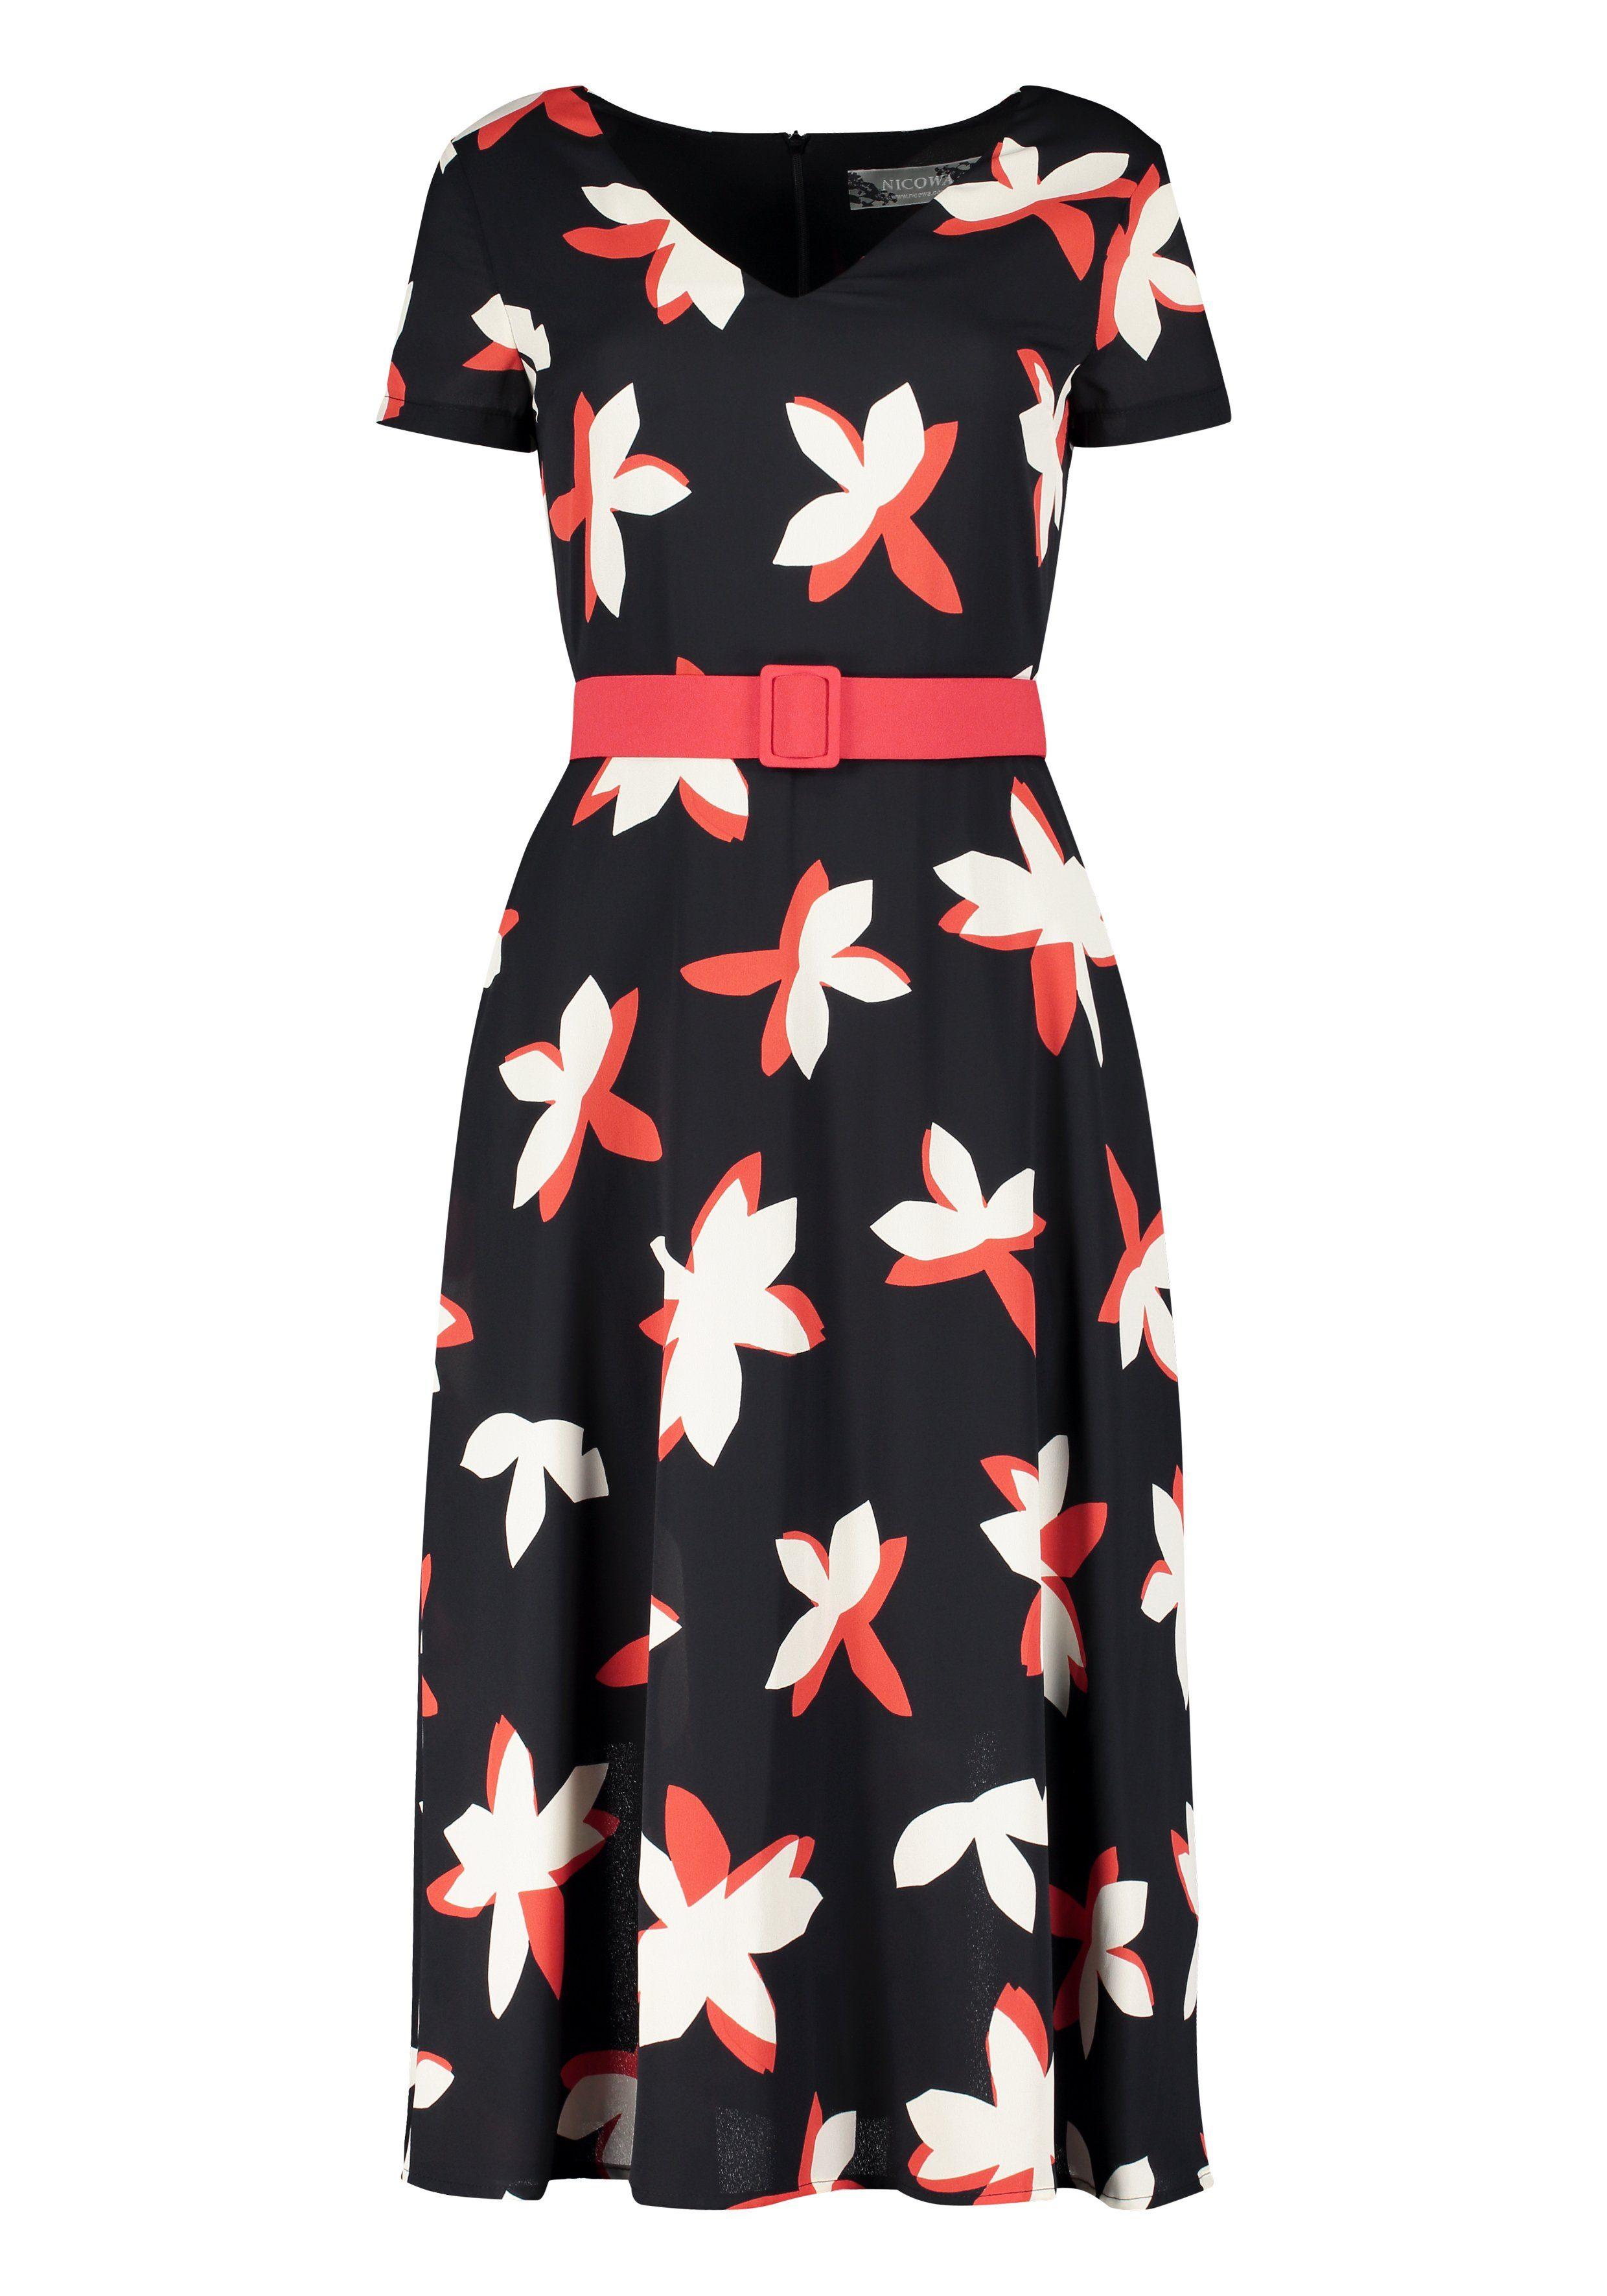 Nicowa Feminines A-Linien-Kleid EGILIAINA